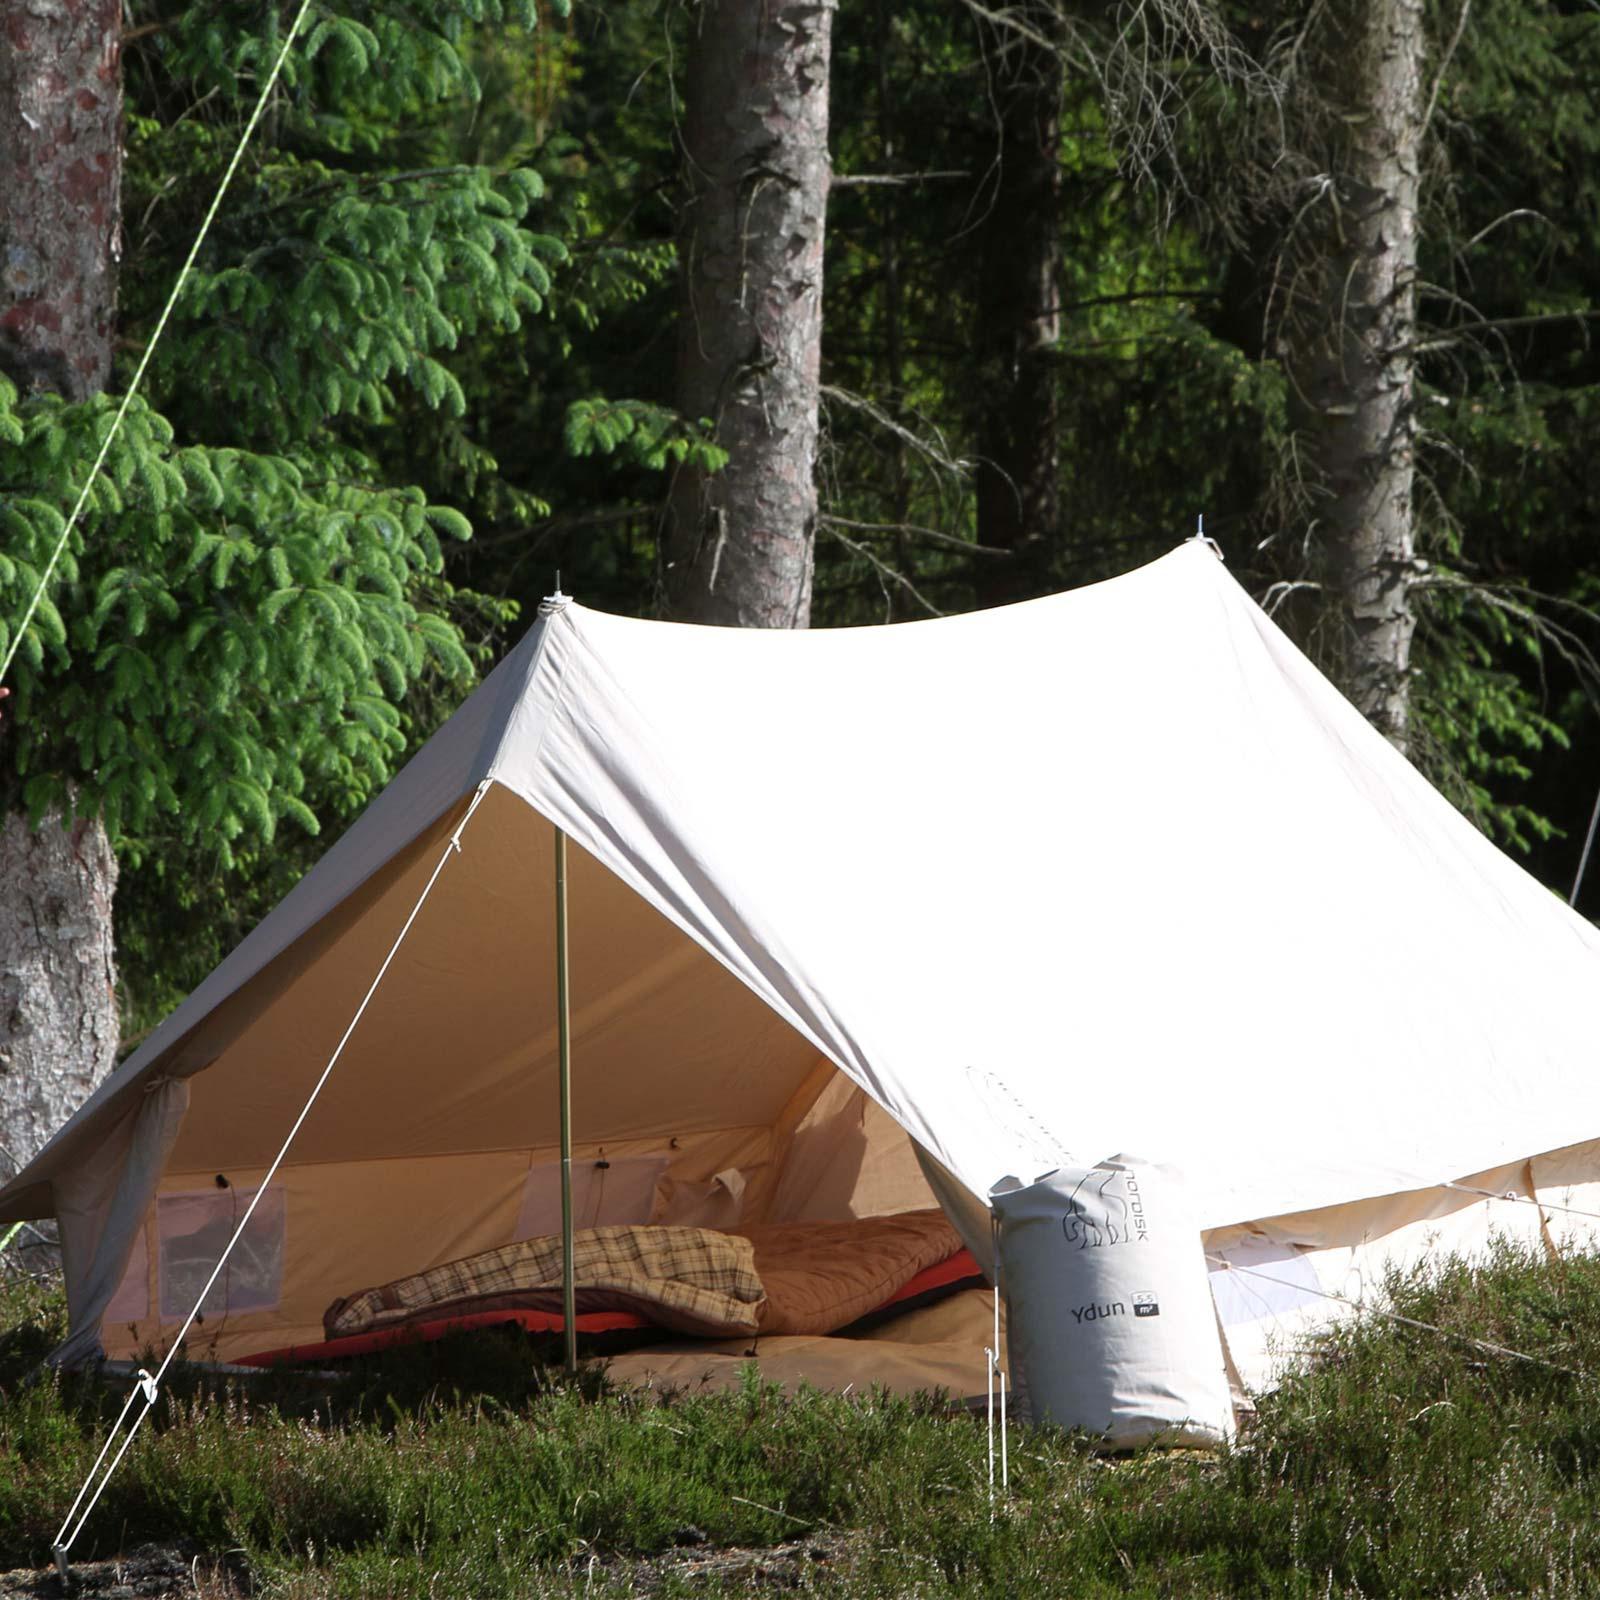 trapperzelt nordisk ydun 5 5 basic cotton firstzelt campingzelt baumwollzelt ebay. Black Bedroom Furniture Sets. Home Design Ideas